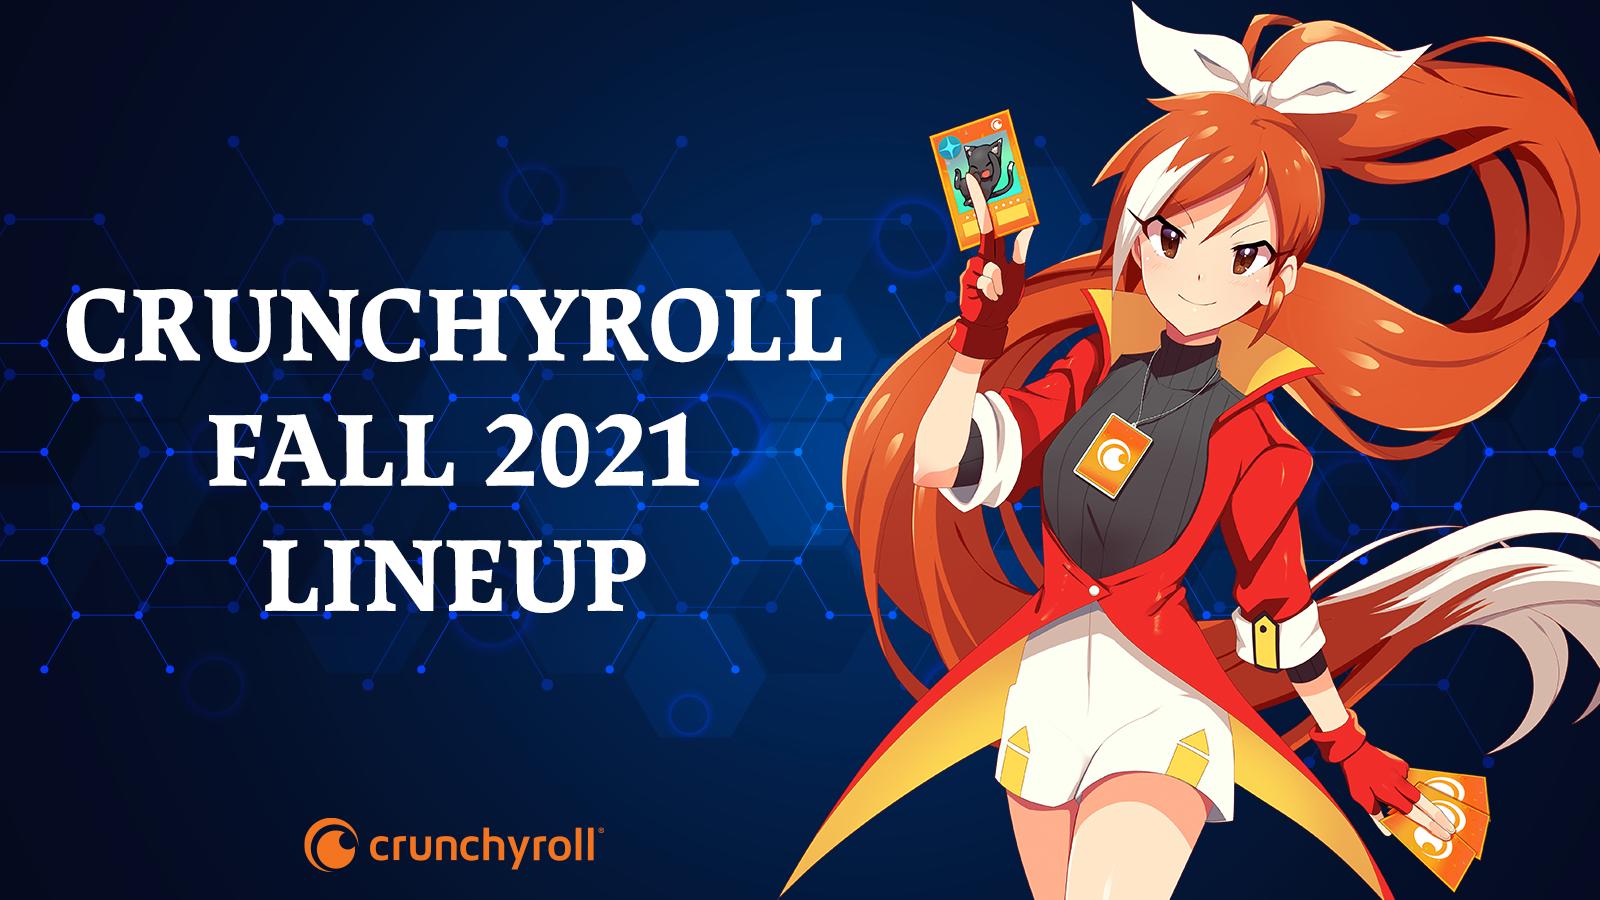 Crunchyroll Fall 2021 Season